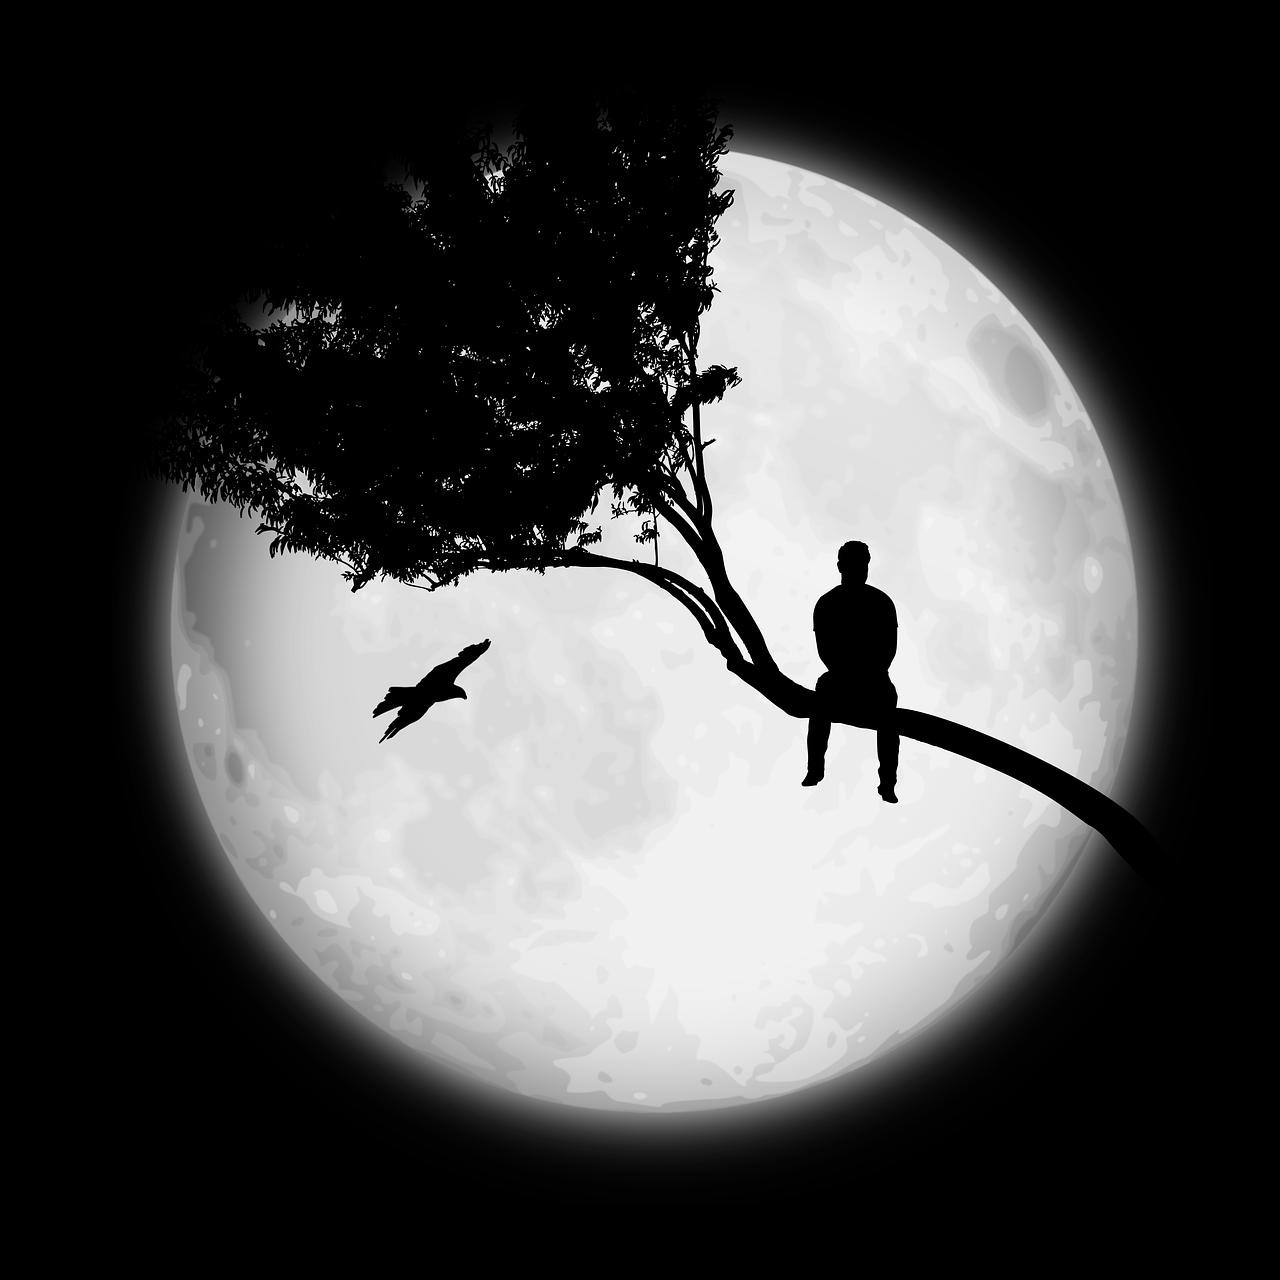 moon-2966579_1280